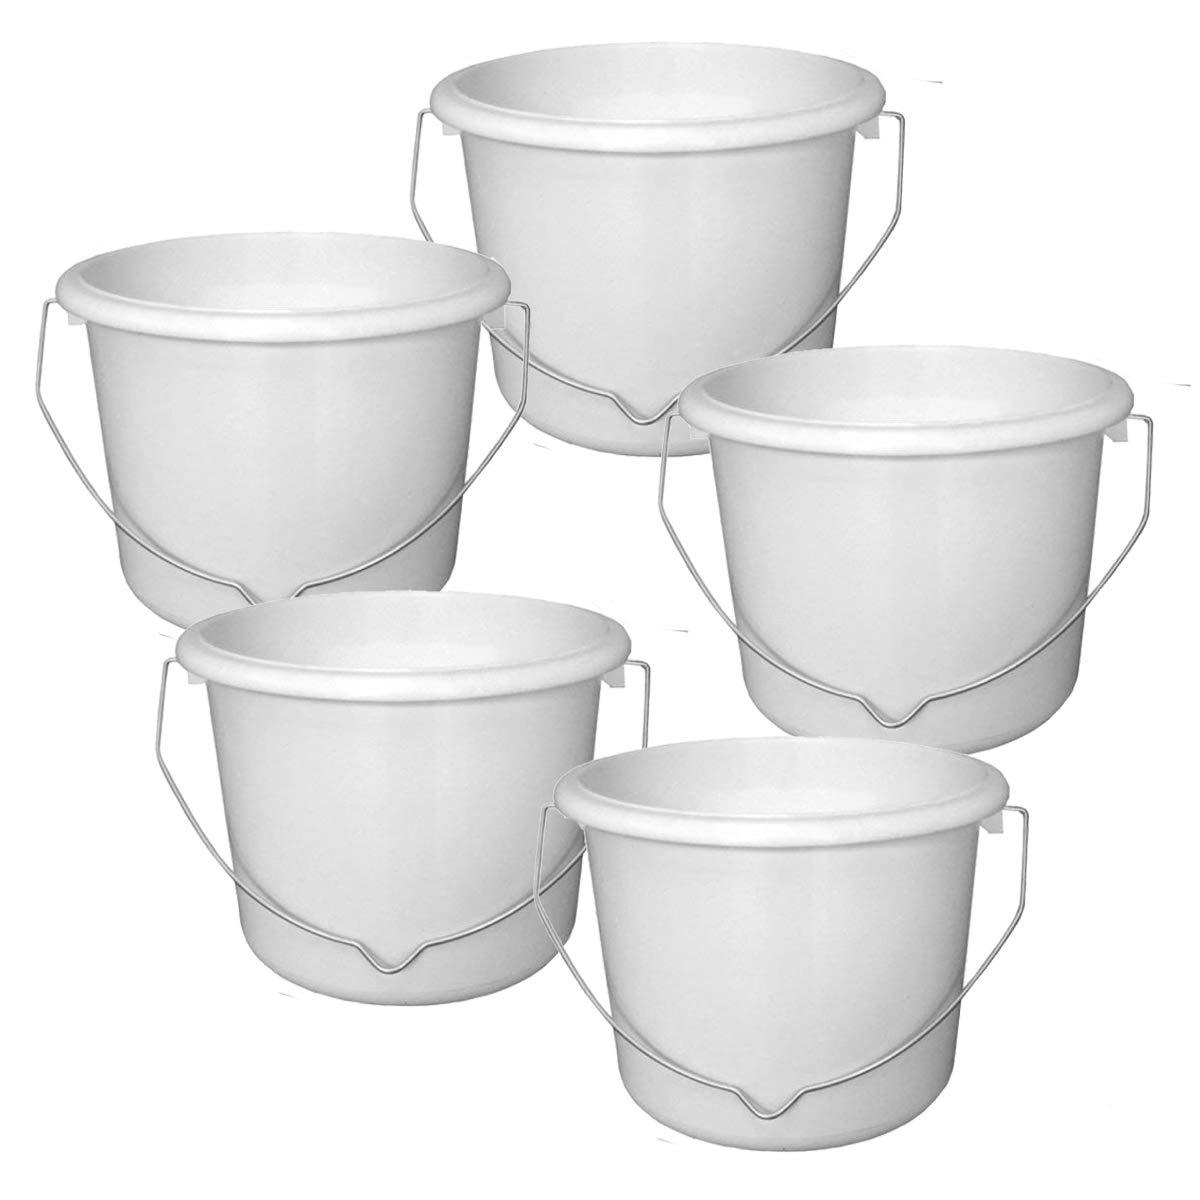 2.5 Litre Plastic Paint Kettle (Set of 5) Painter & Decorators Paint Scuttle Pot Cottam